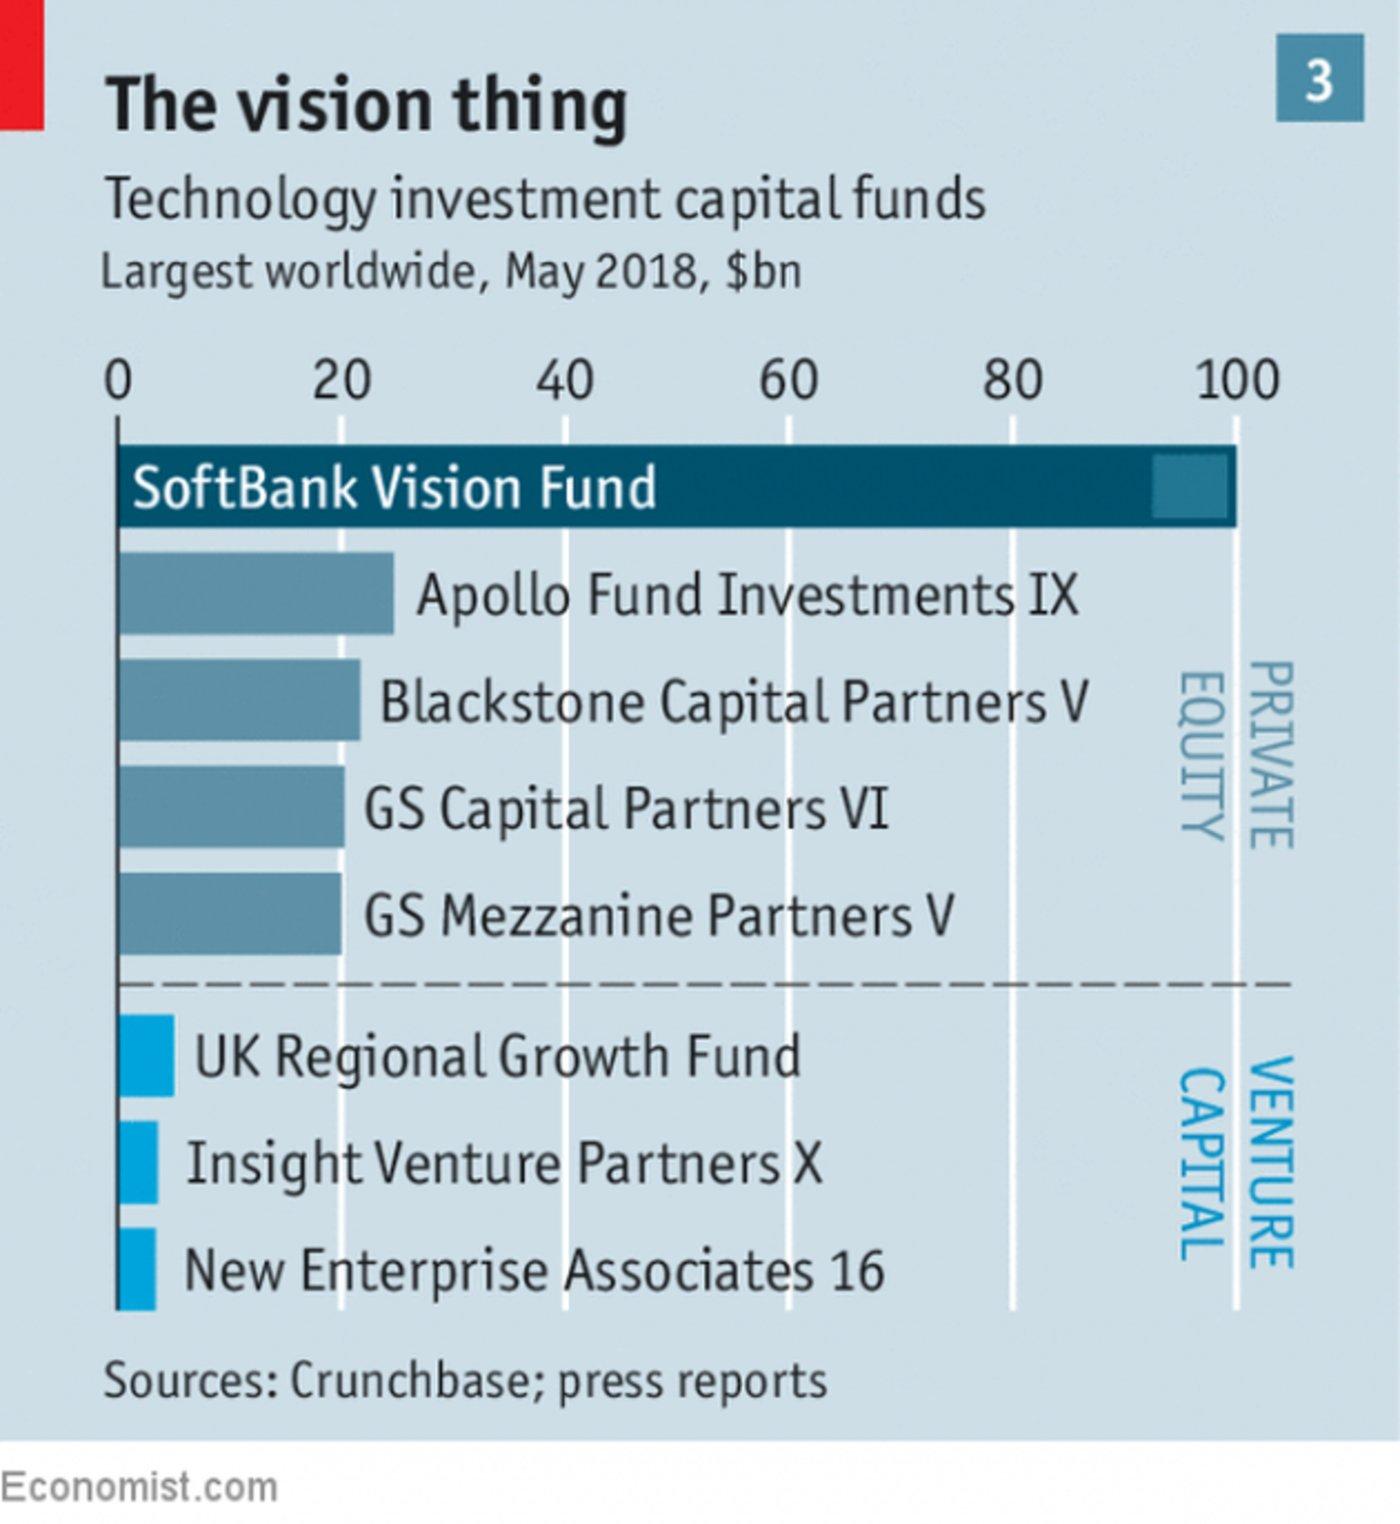 软银愿景基金和其它基金体量比较